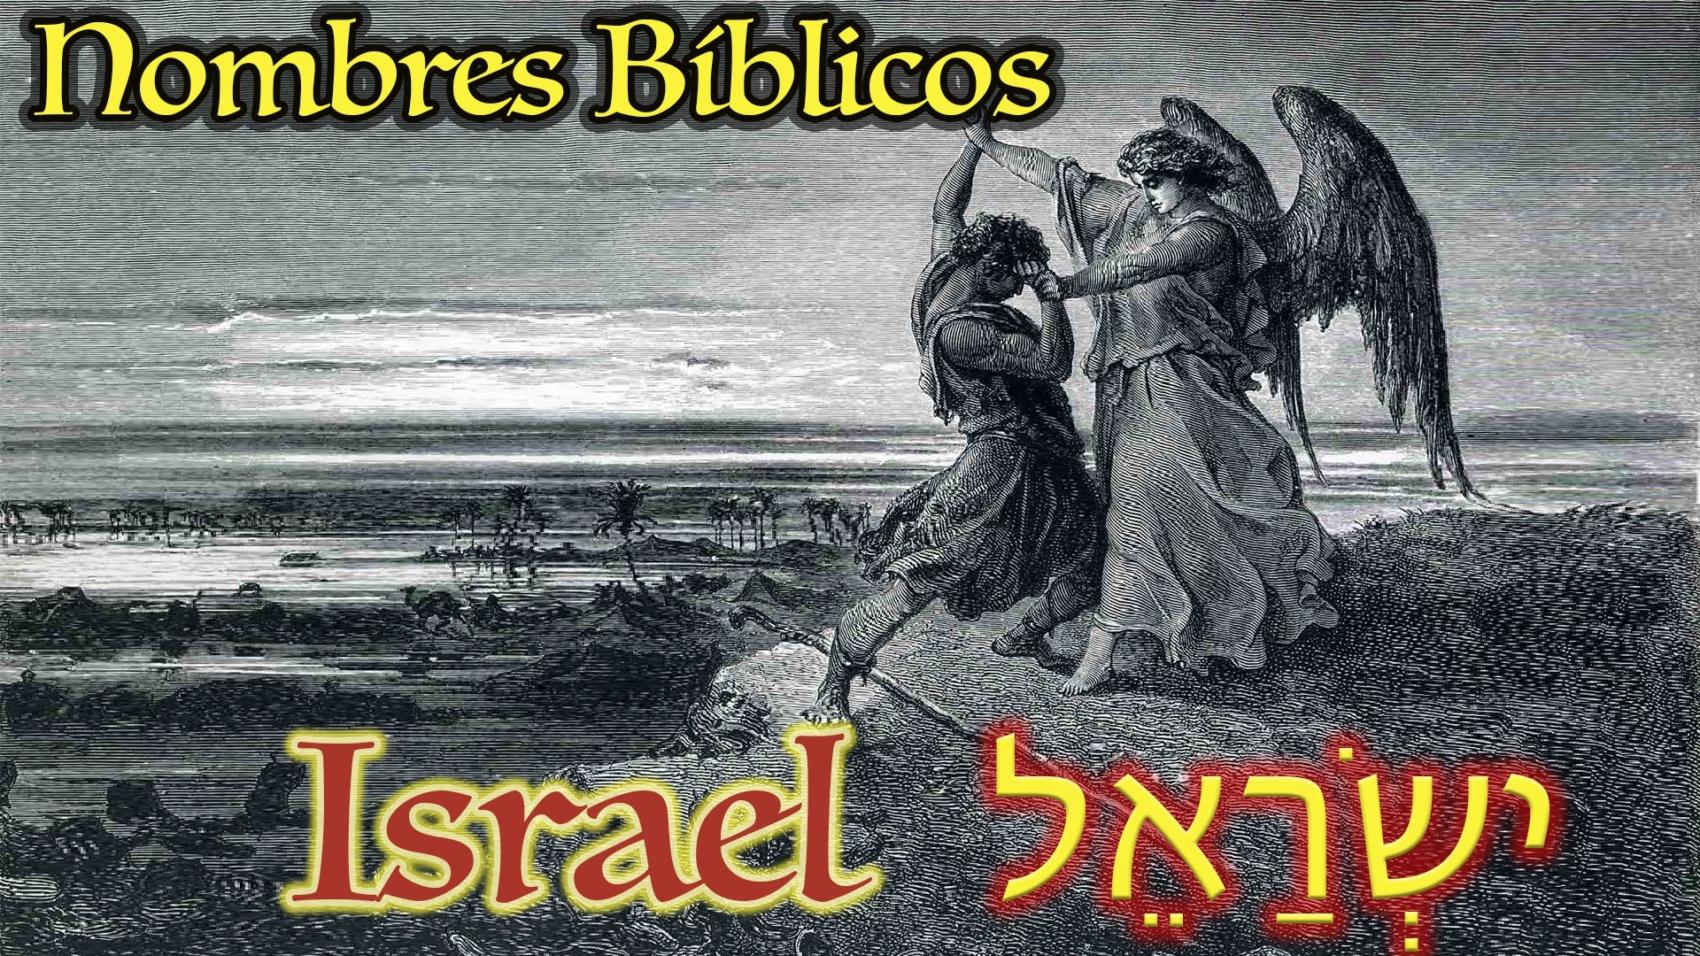 nombres biblicos-Israel